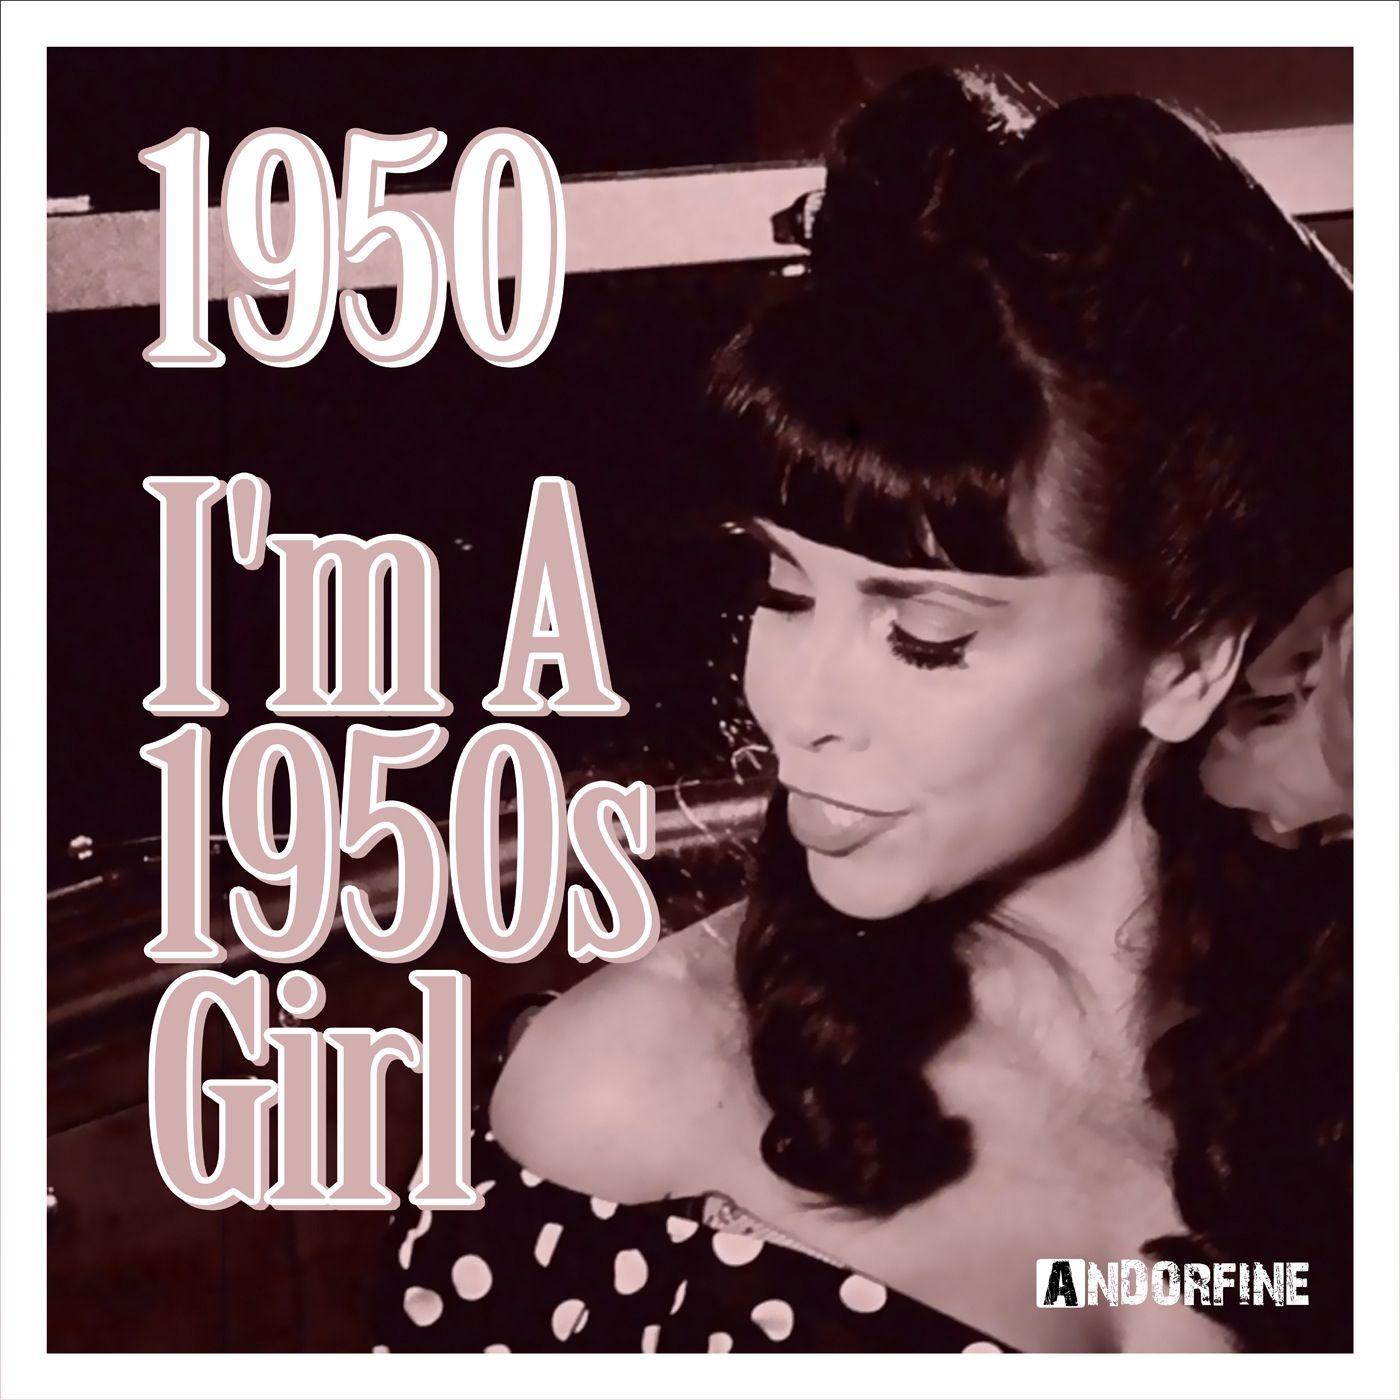 1950's Girl